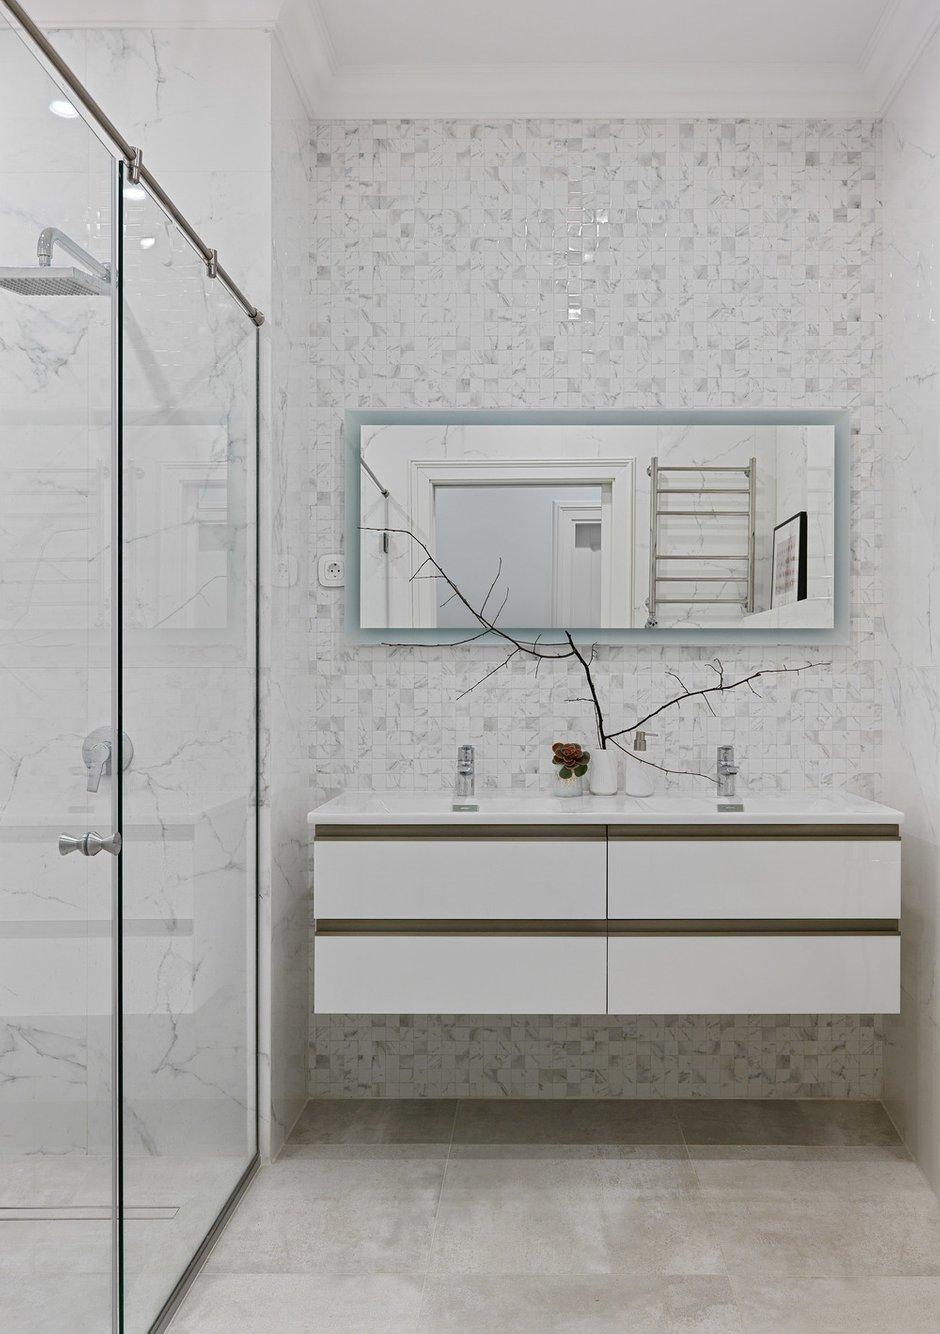 Фотография: Ванная в стиле Современный, Проект недели, Москва, Анастасия Муравьева, 4 и больше, Более 90 метров, #эксклюзивныепроекты – фото на INMYROOM